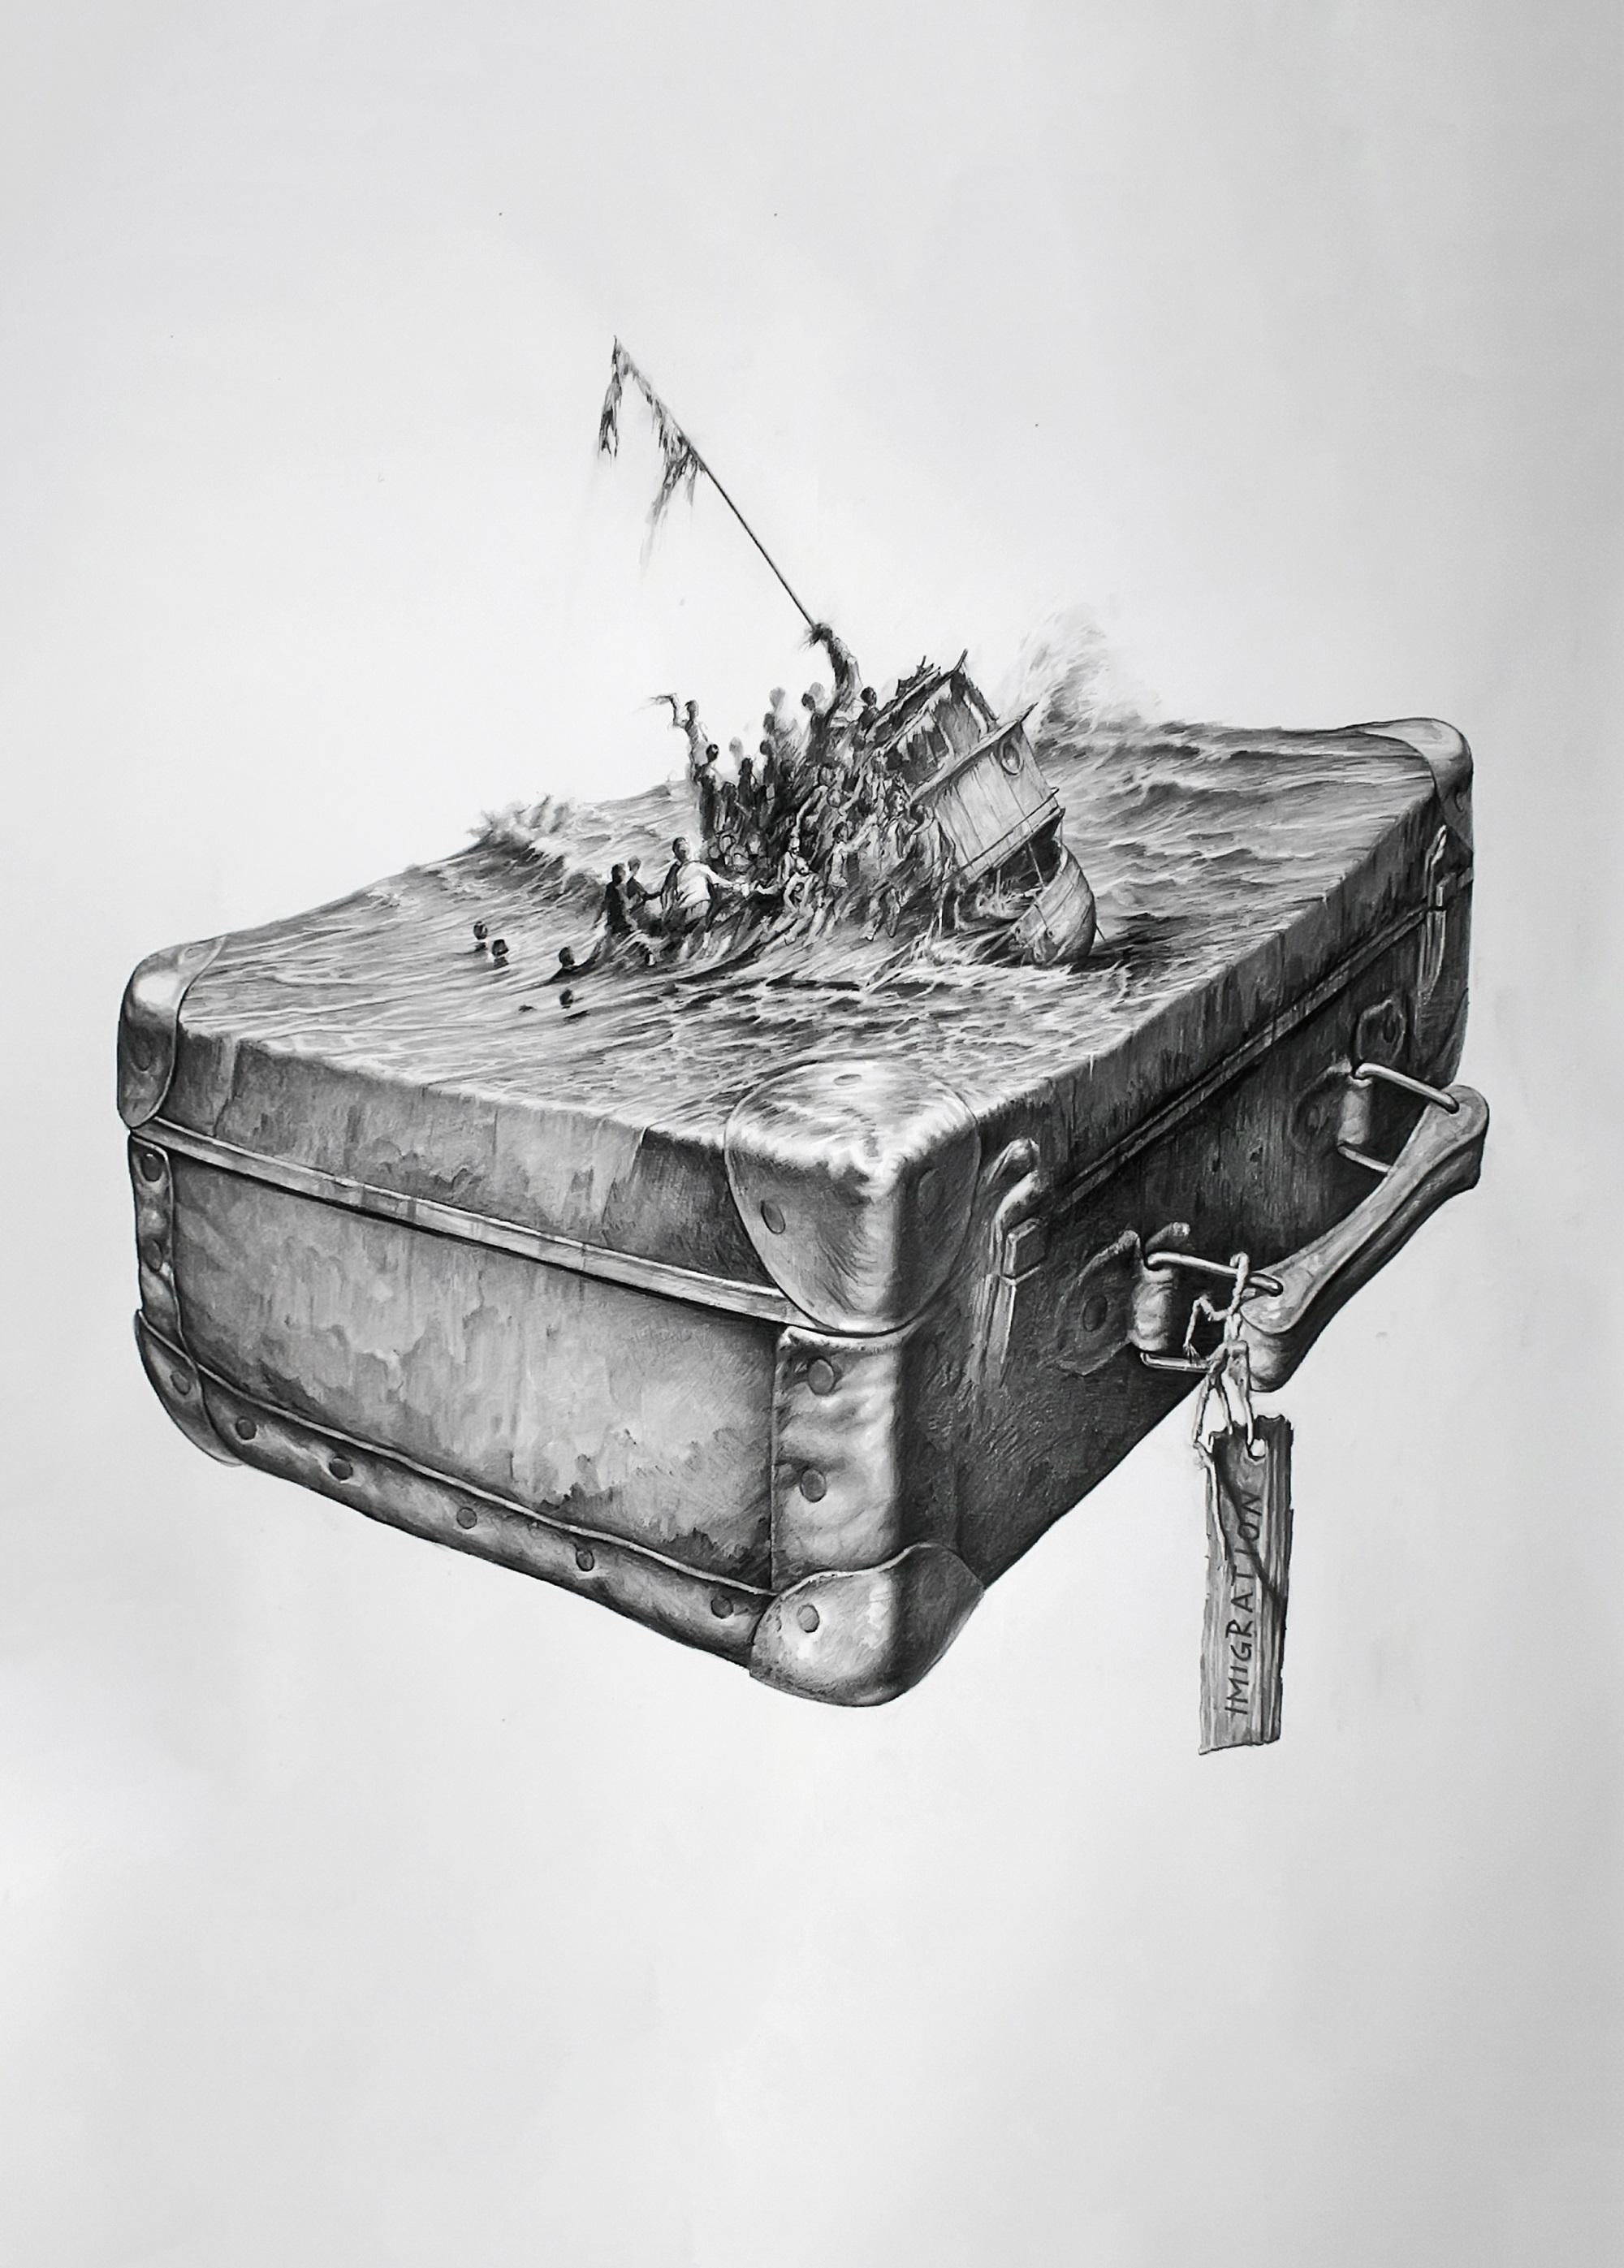 'Refugees' (Derwent Art Prize 2016 Winner) Agim Sulaj Graphite, 170cm x 150cm